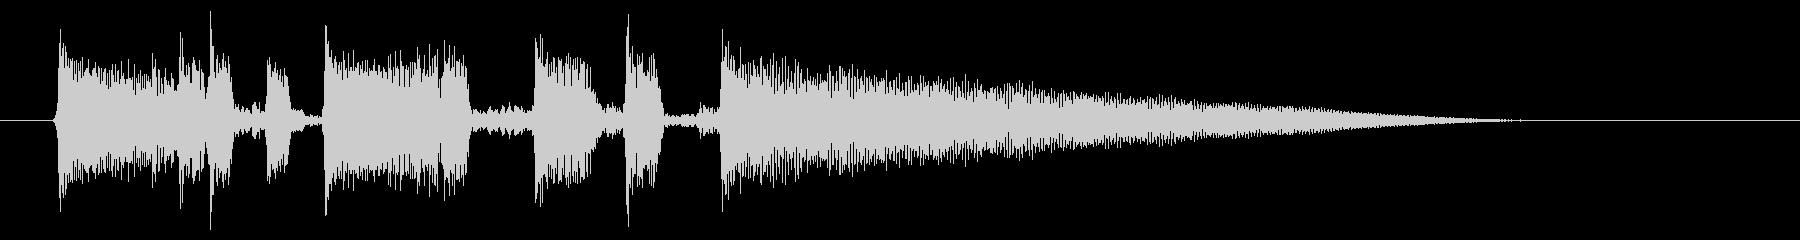 ボサノバ風ギターのジングルの未再生の波形